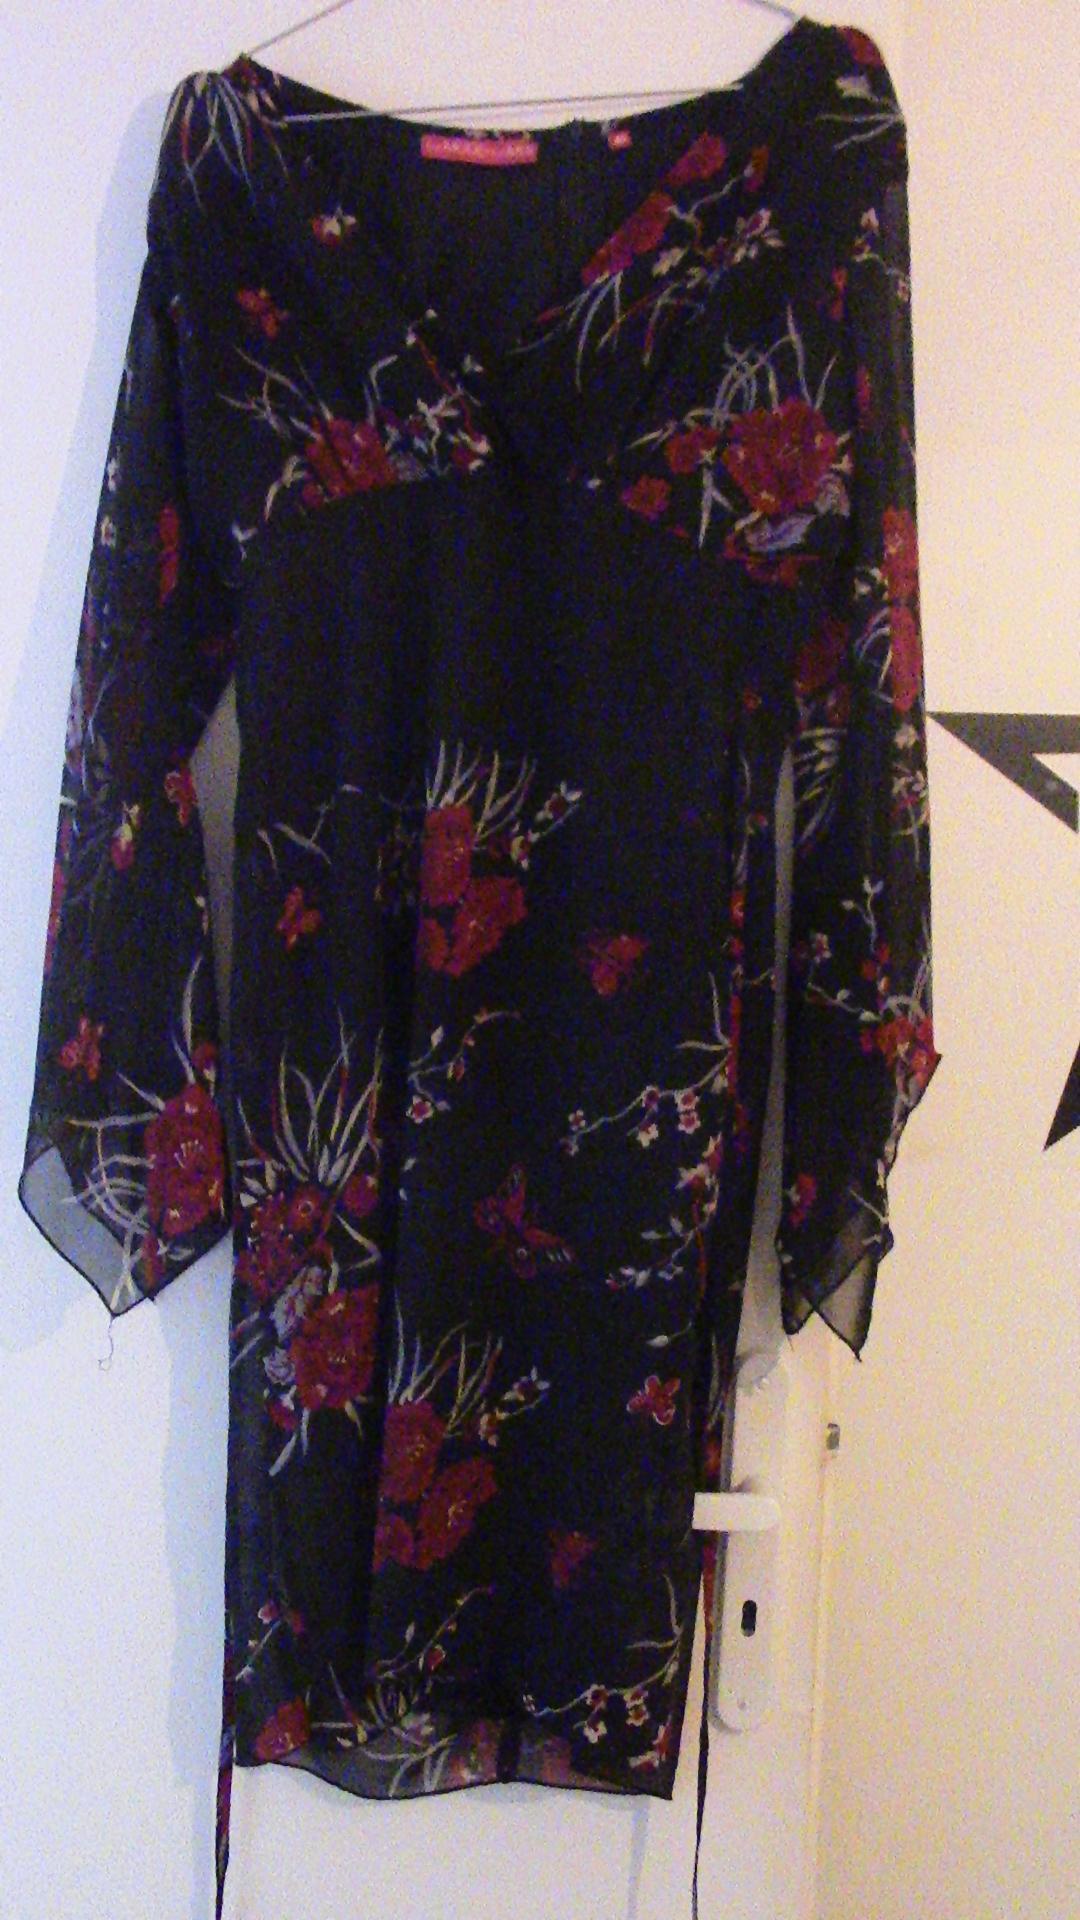 troc de troc robe noire fleurie image 0